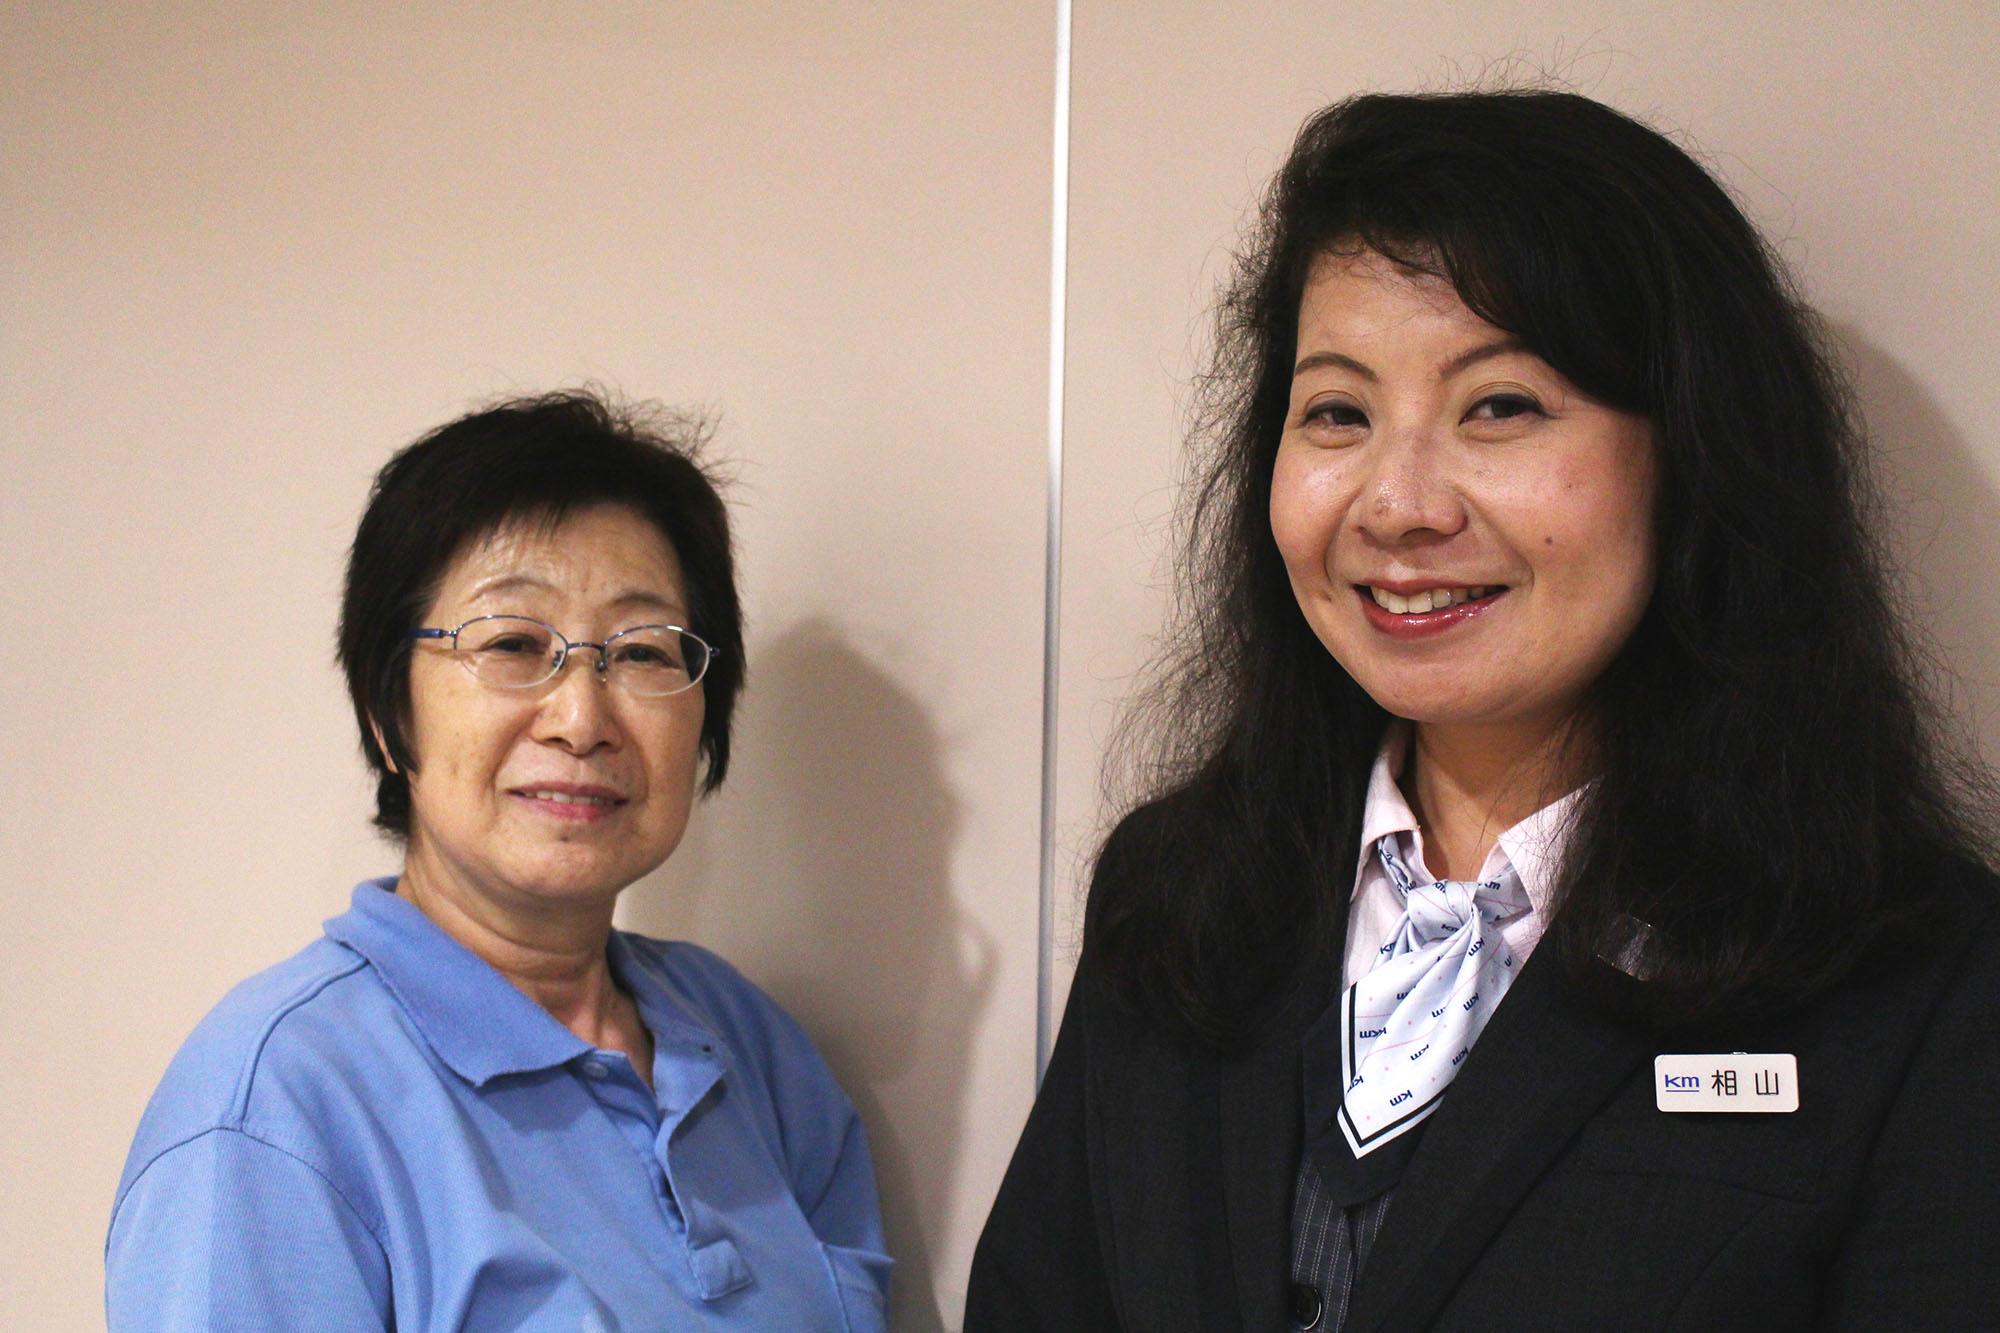 国際自動車(kmタクシー)で働く女性タクシードライバー相山さんと、羽田営業所の清掃員さんのツーショット